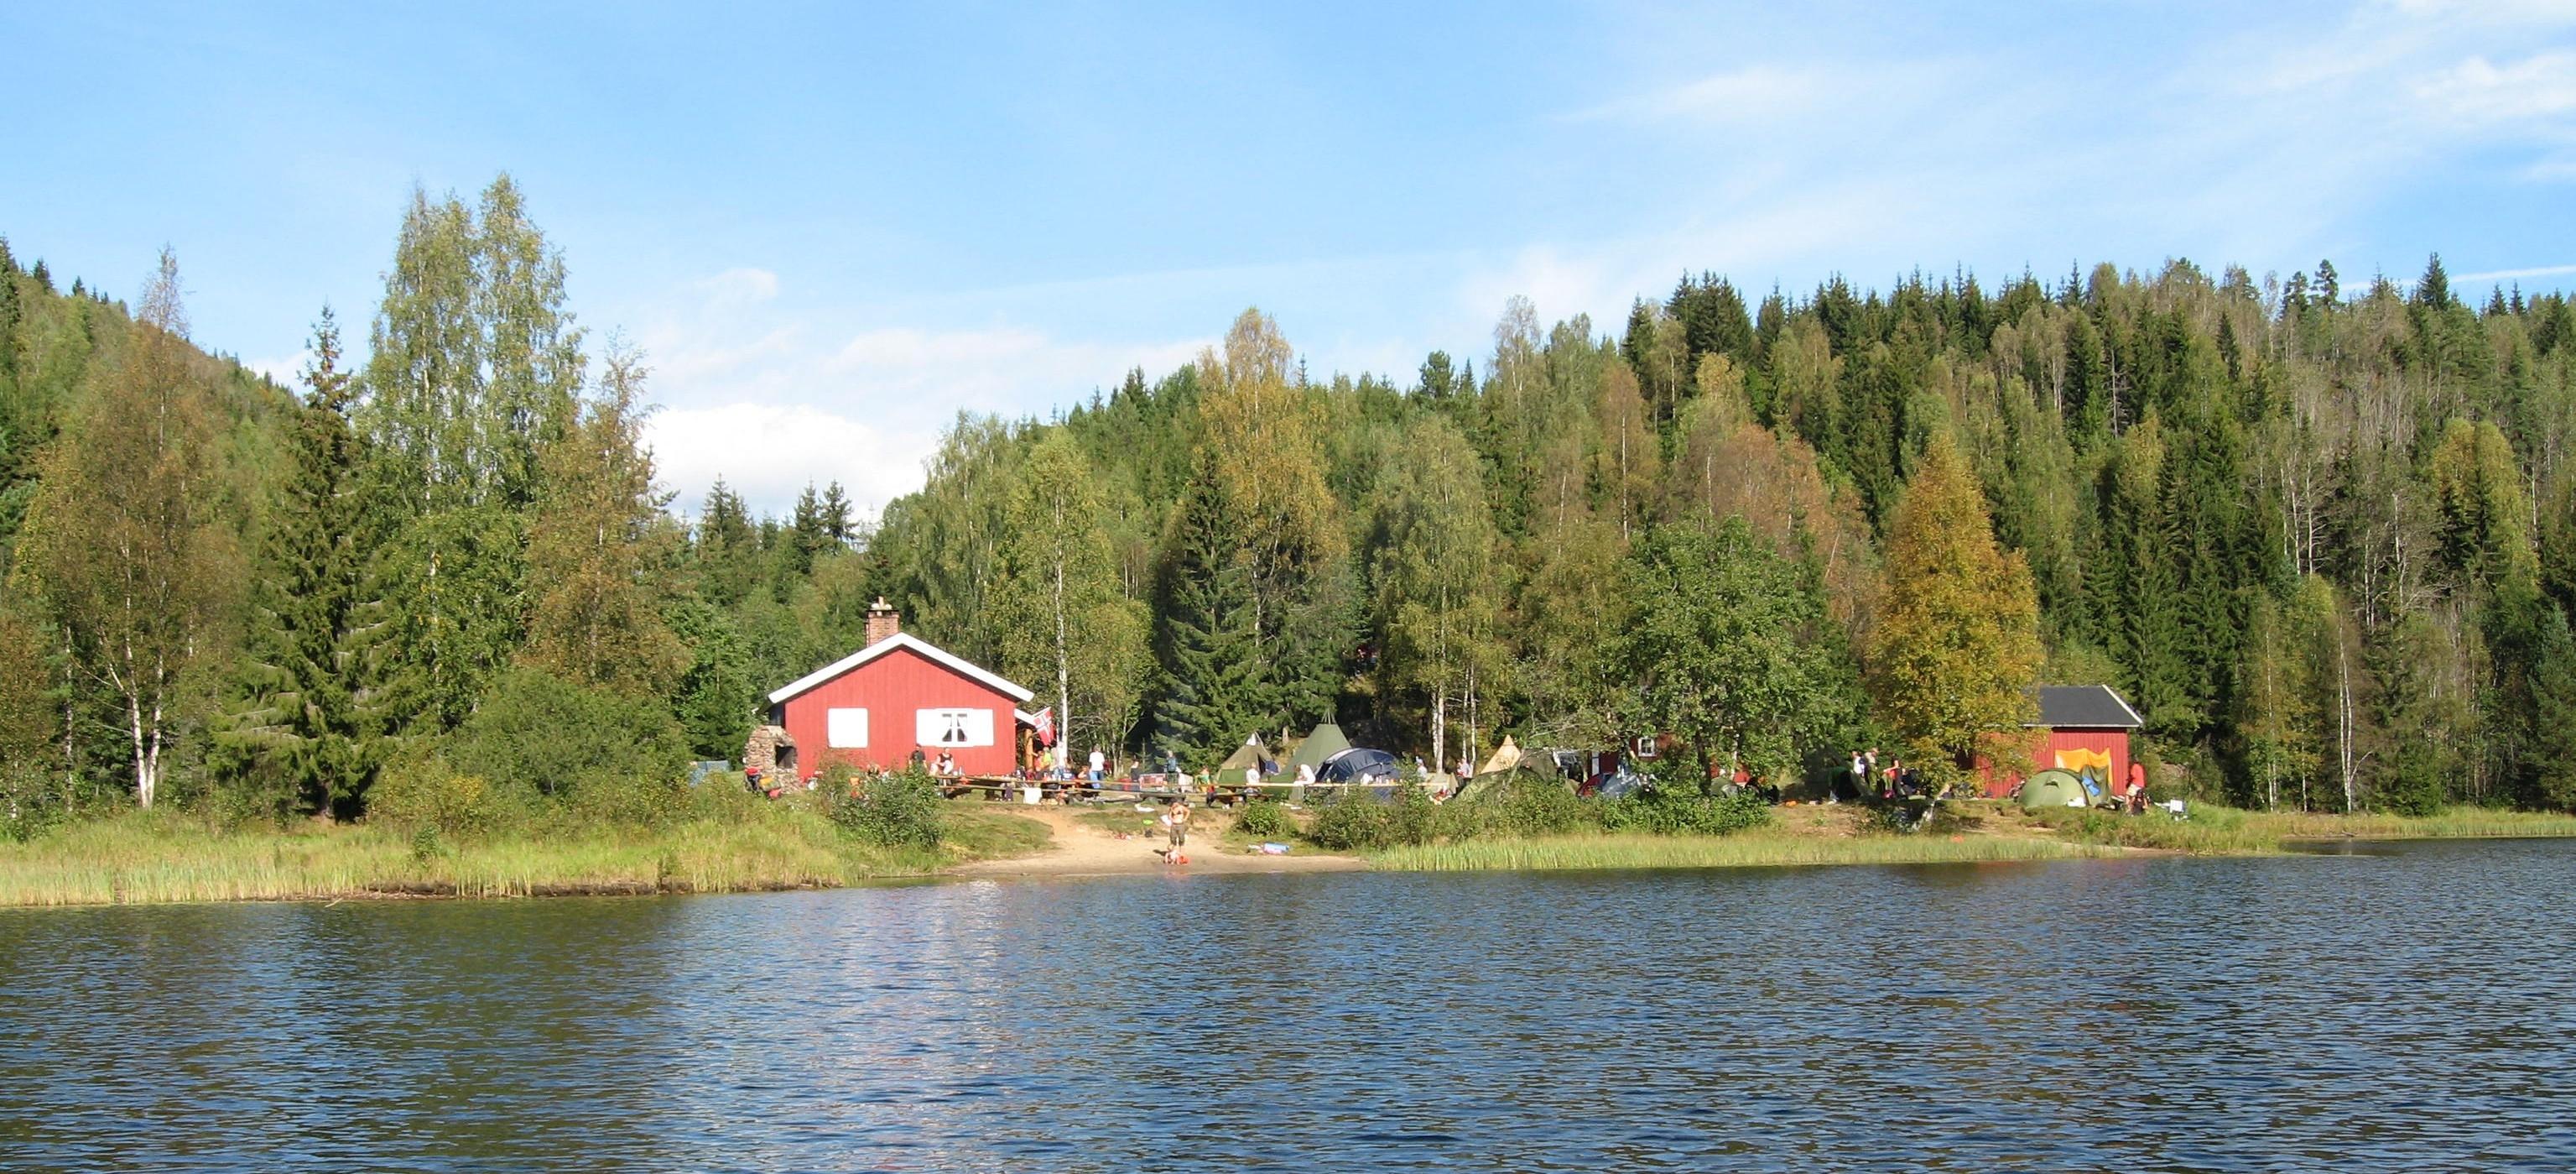 DNT Tilrettelagt, Vestfold, Høstrcamp på Trollsvann — Turer